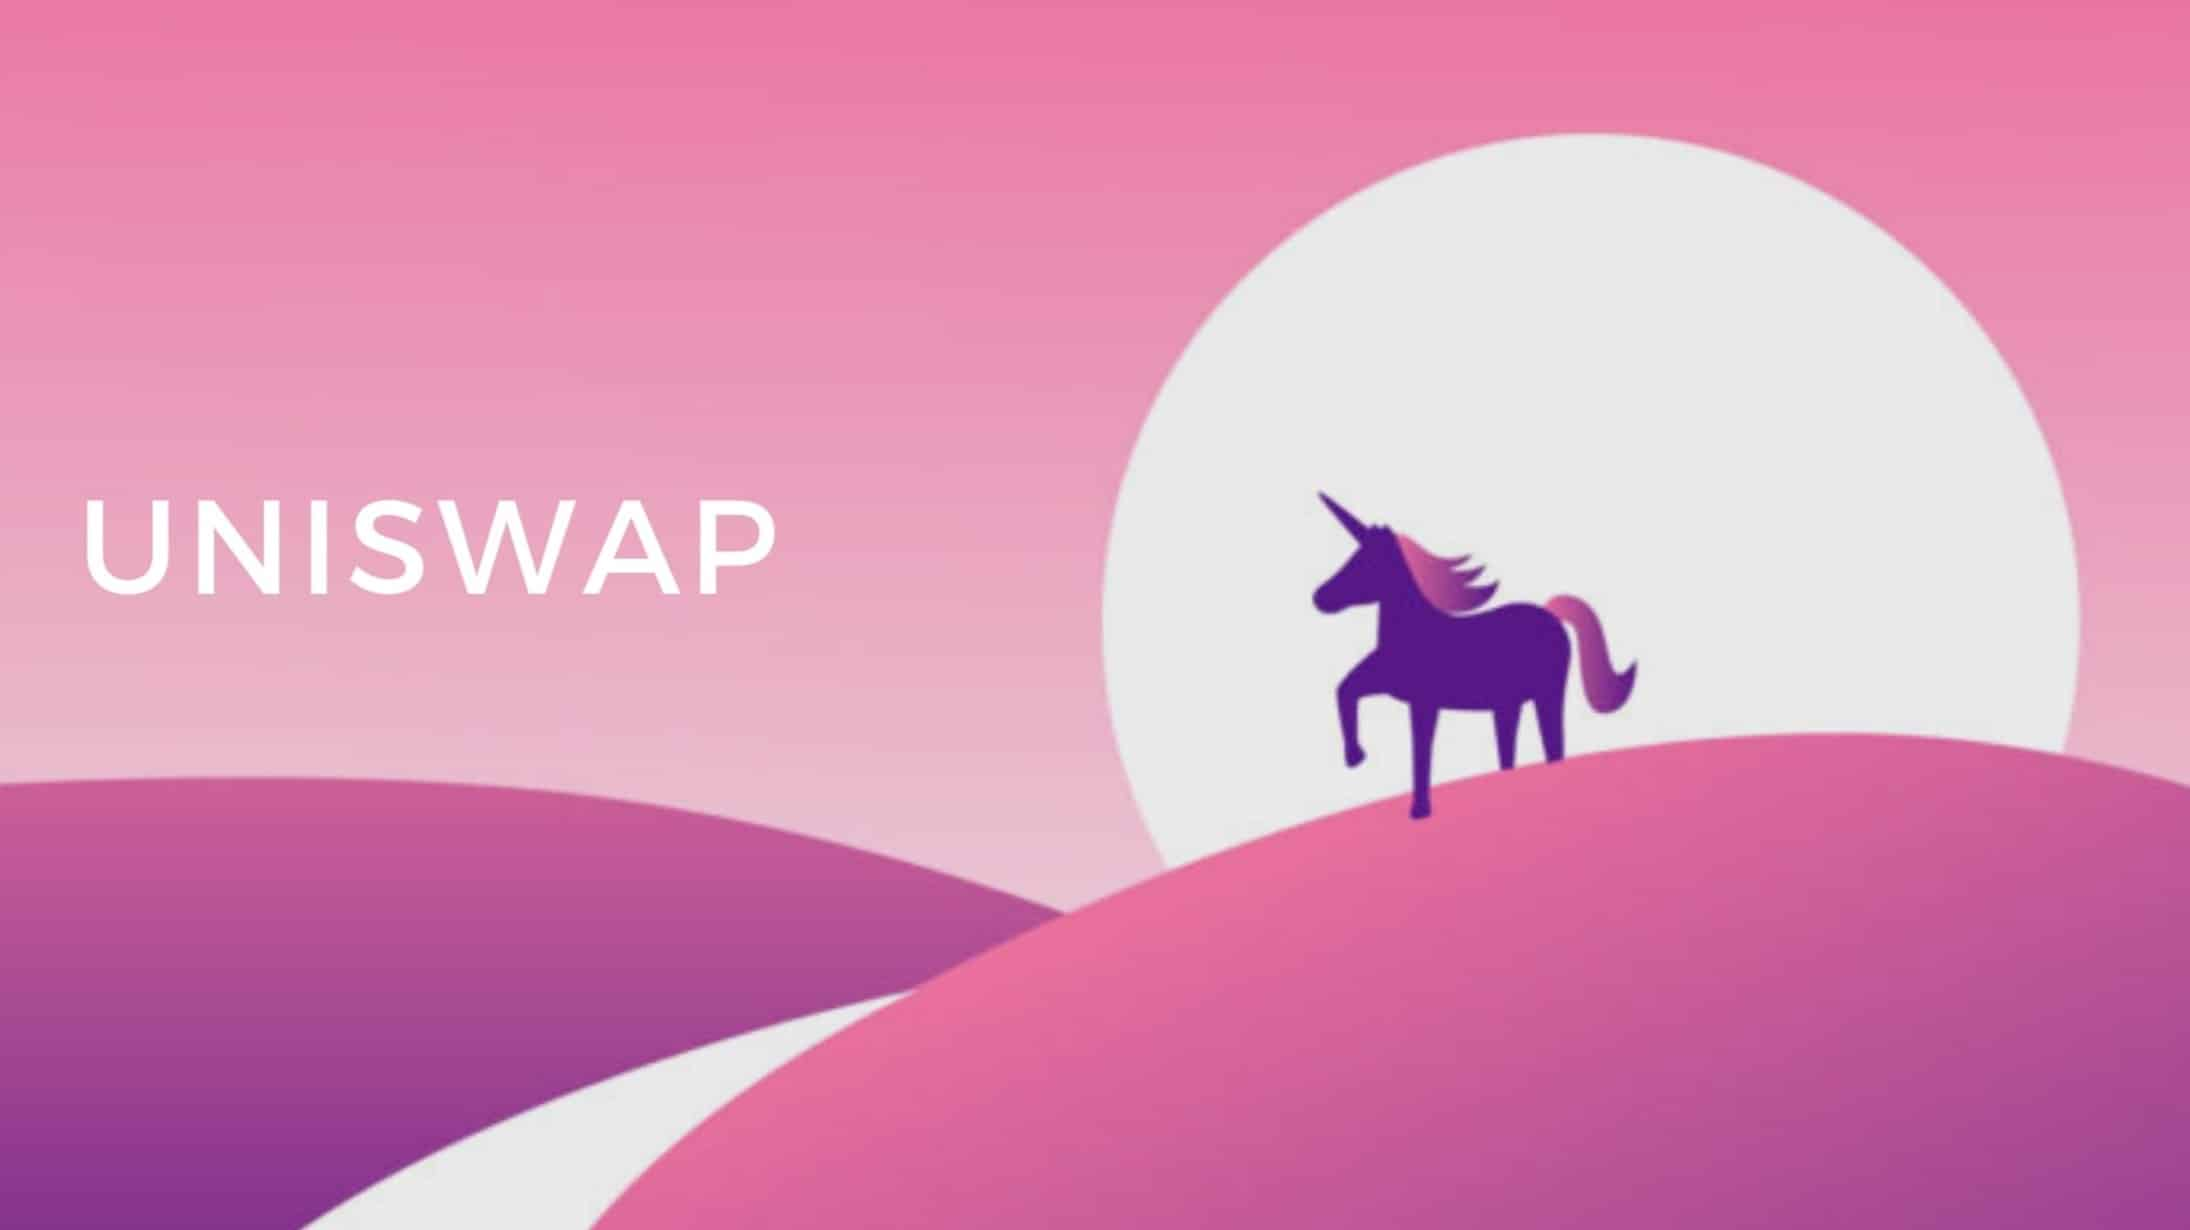 راهاندازی توکن حکمرانی Uniswap استاندارد جدیدی در مالی غیرمتمرکز معرفی کرد